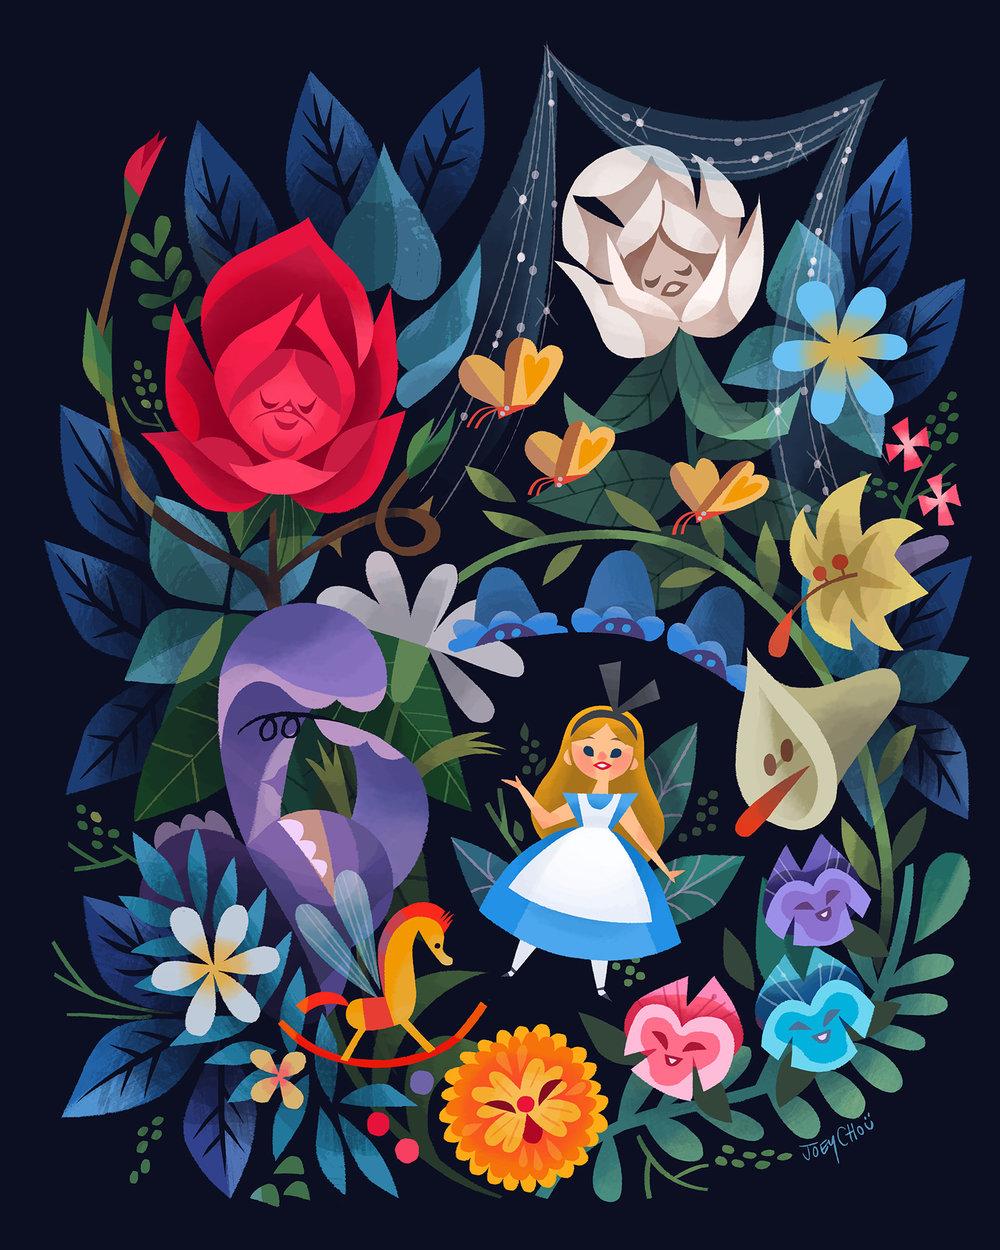 wonderground_alice_flowers_jchou_web.jpg